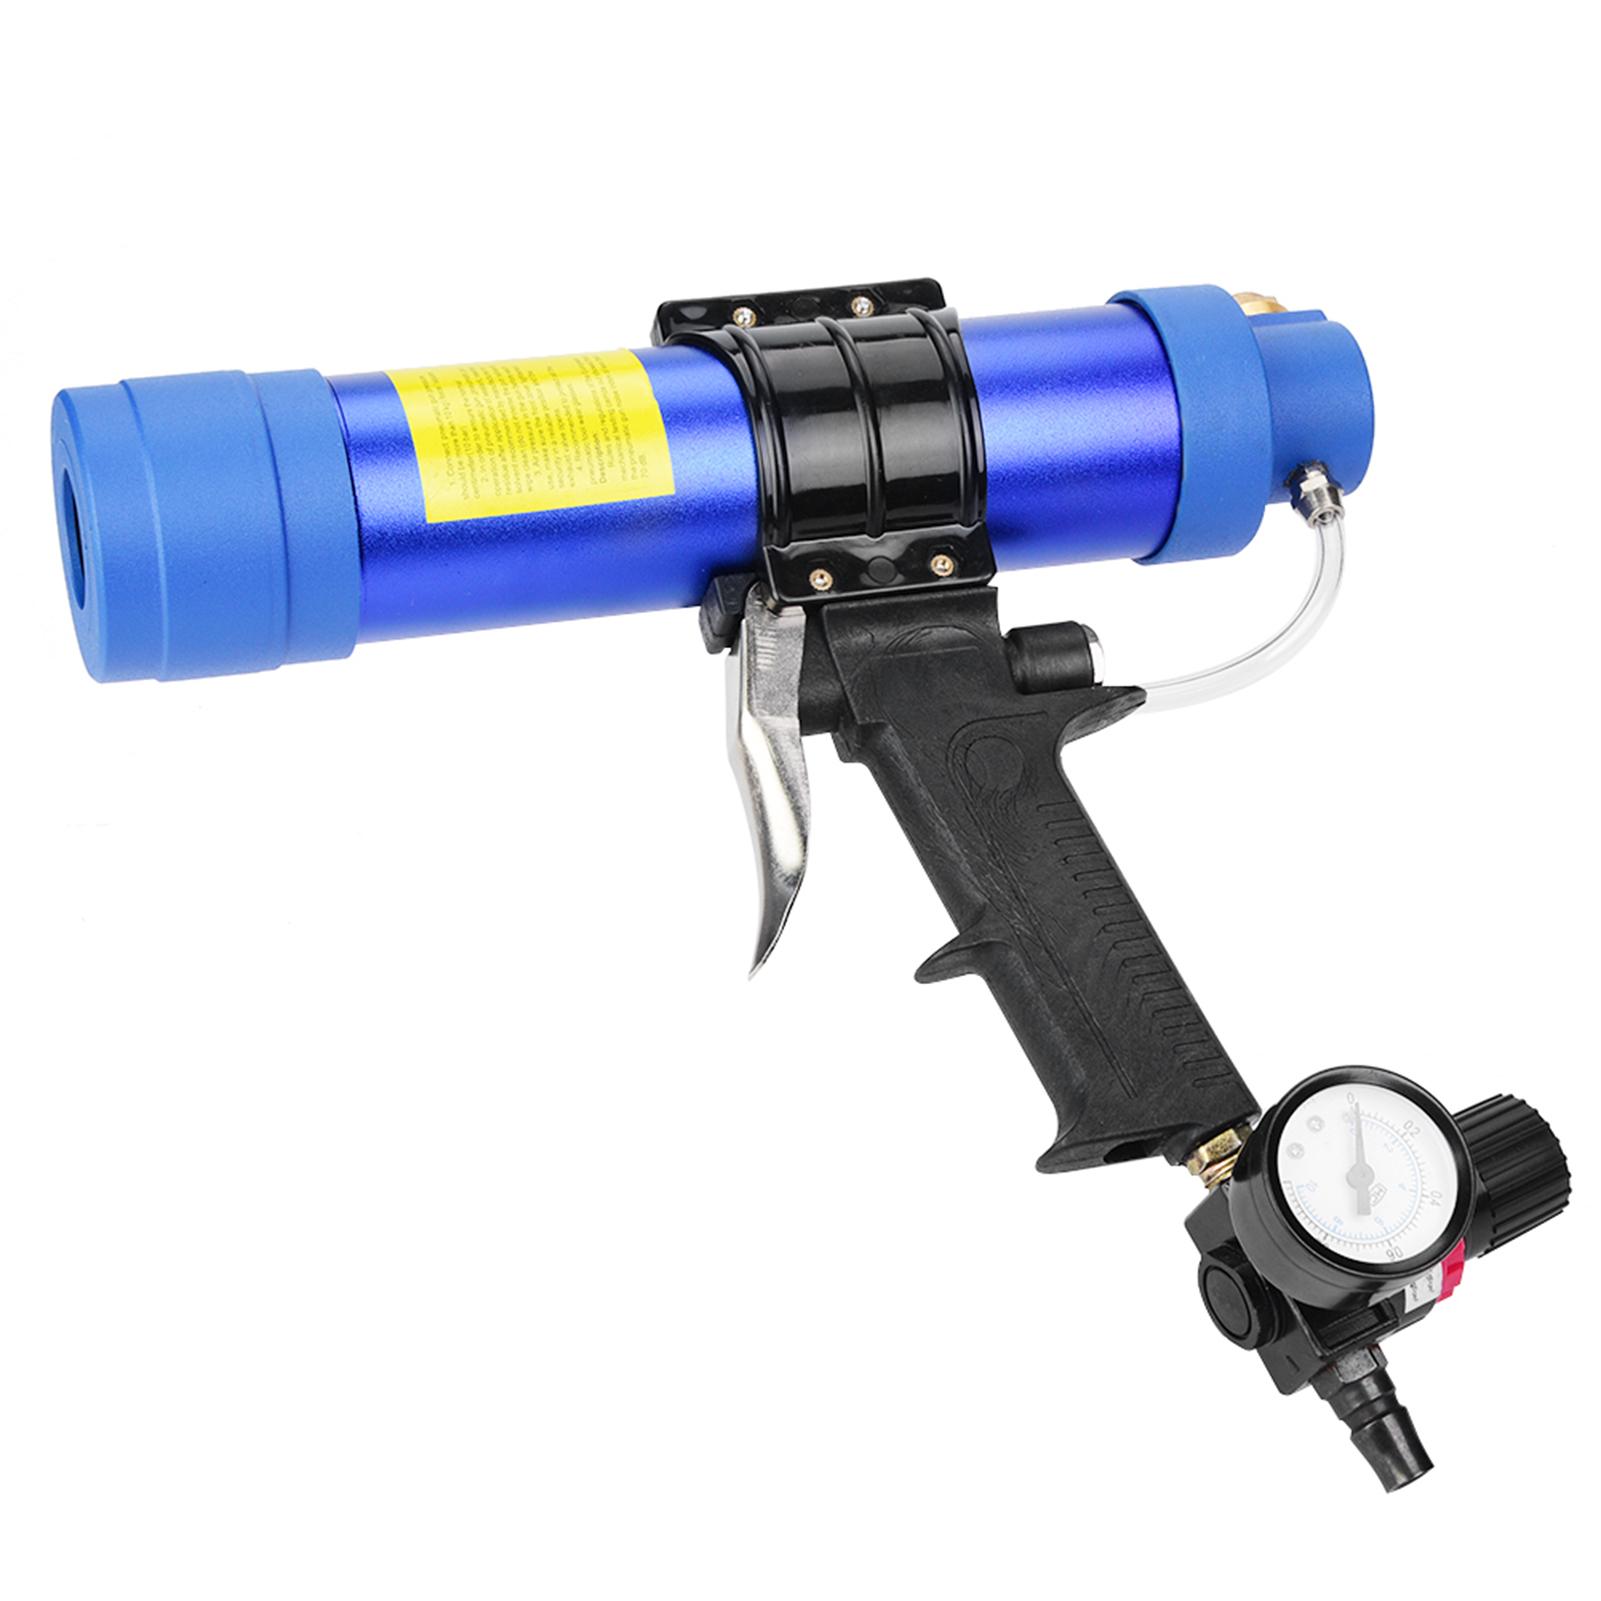 Pistolet-a-Colle-de-Verre-Pistolet-a-Calfeutrer-Pneumatique-Reglable-Colle-Dure miniatuur 6